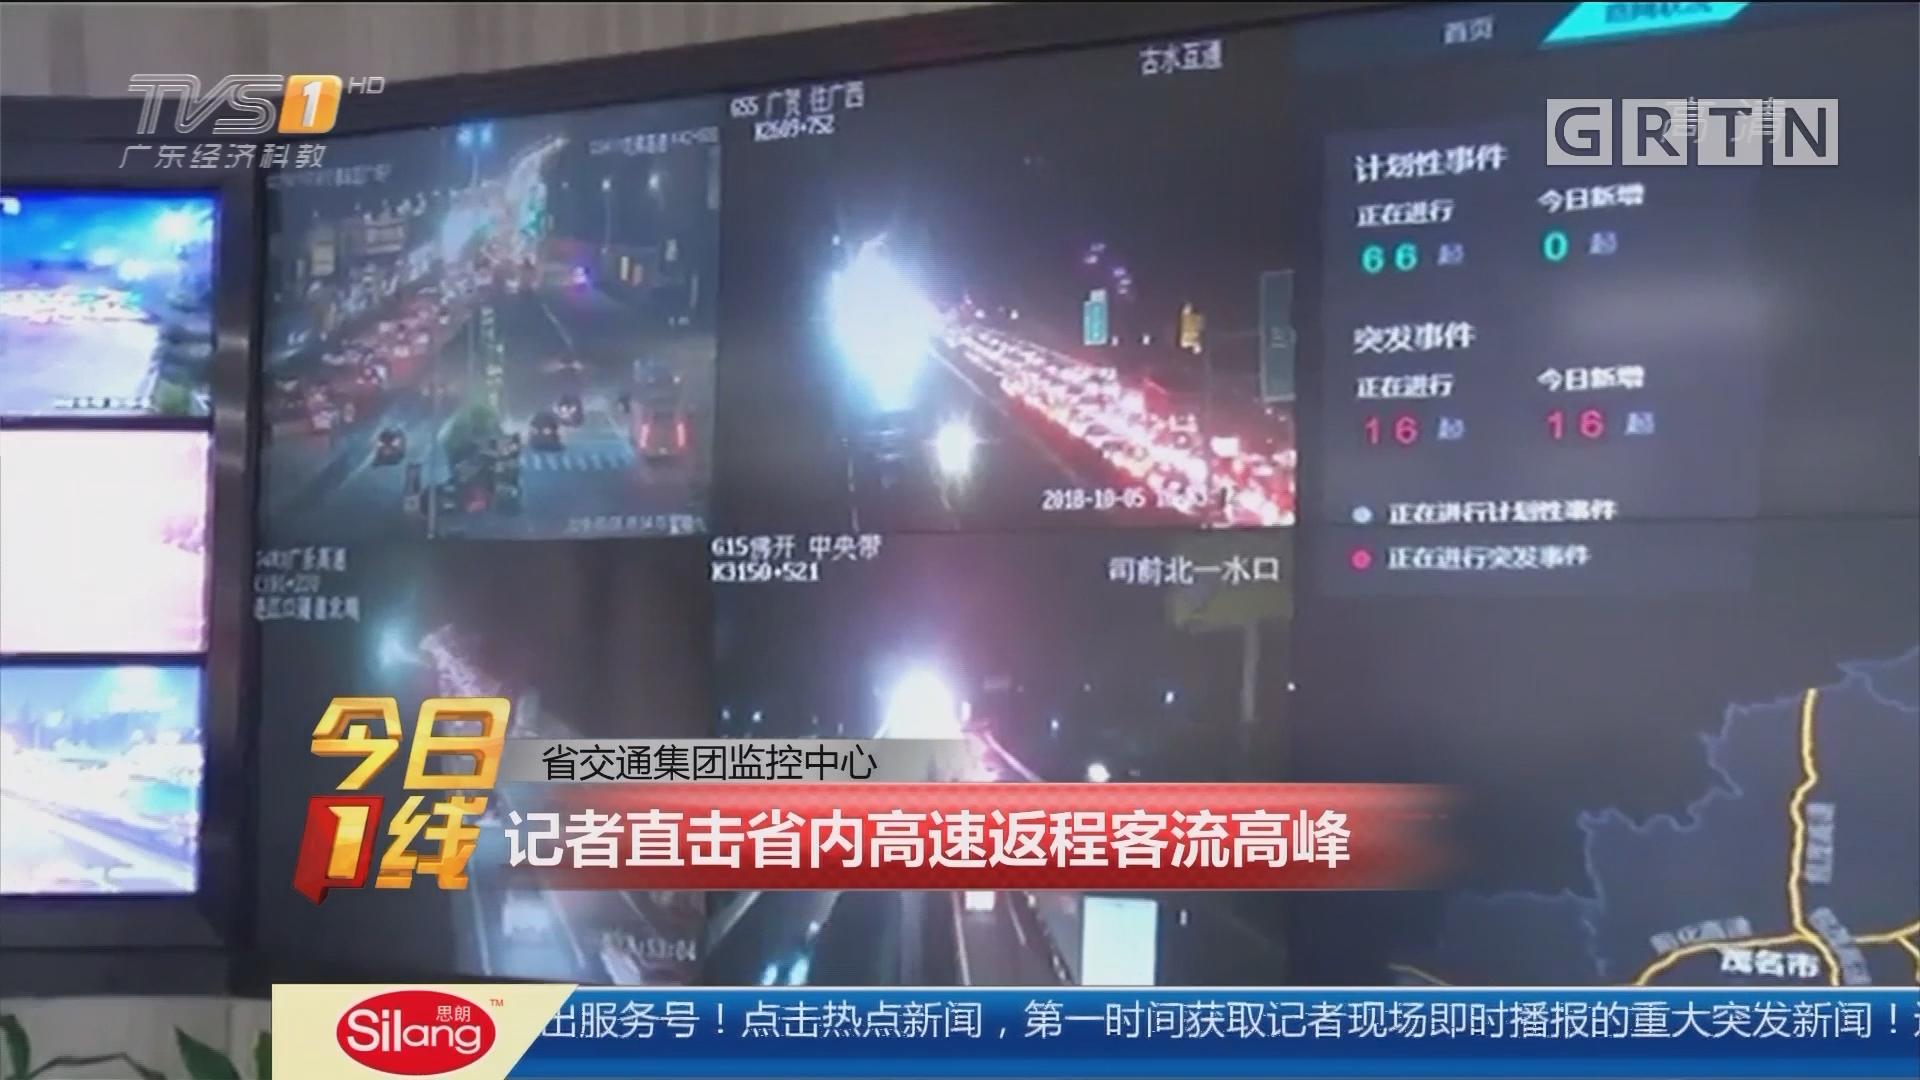 省交通集团监控中心:记者直击省内高速返程客流高峰